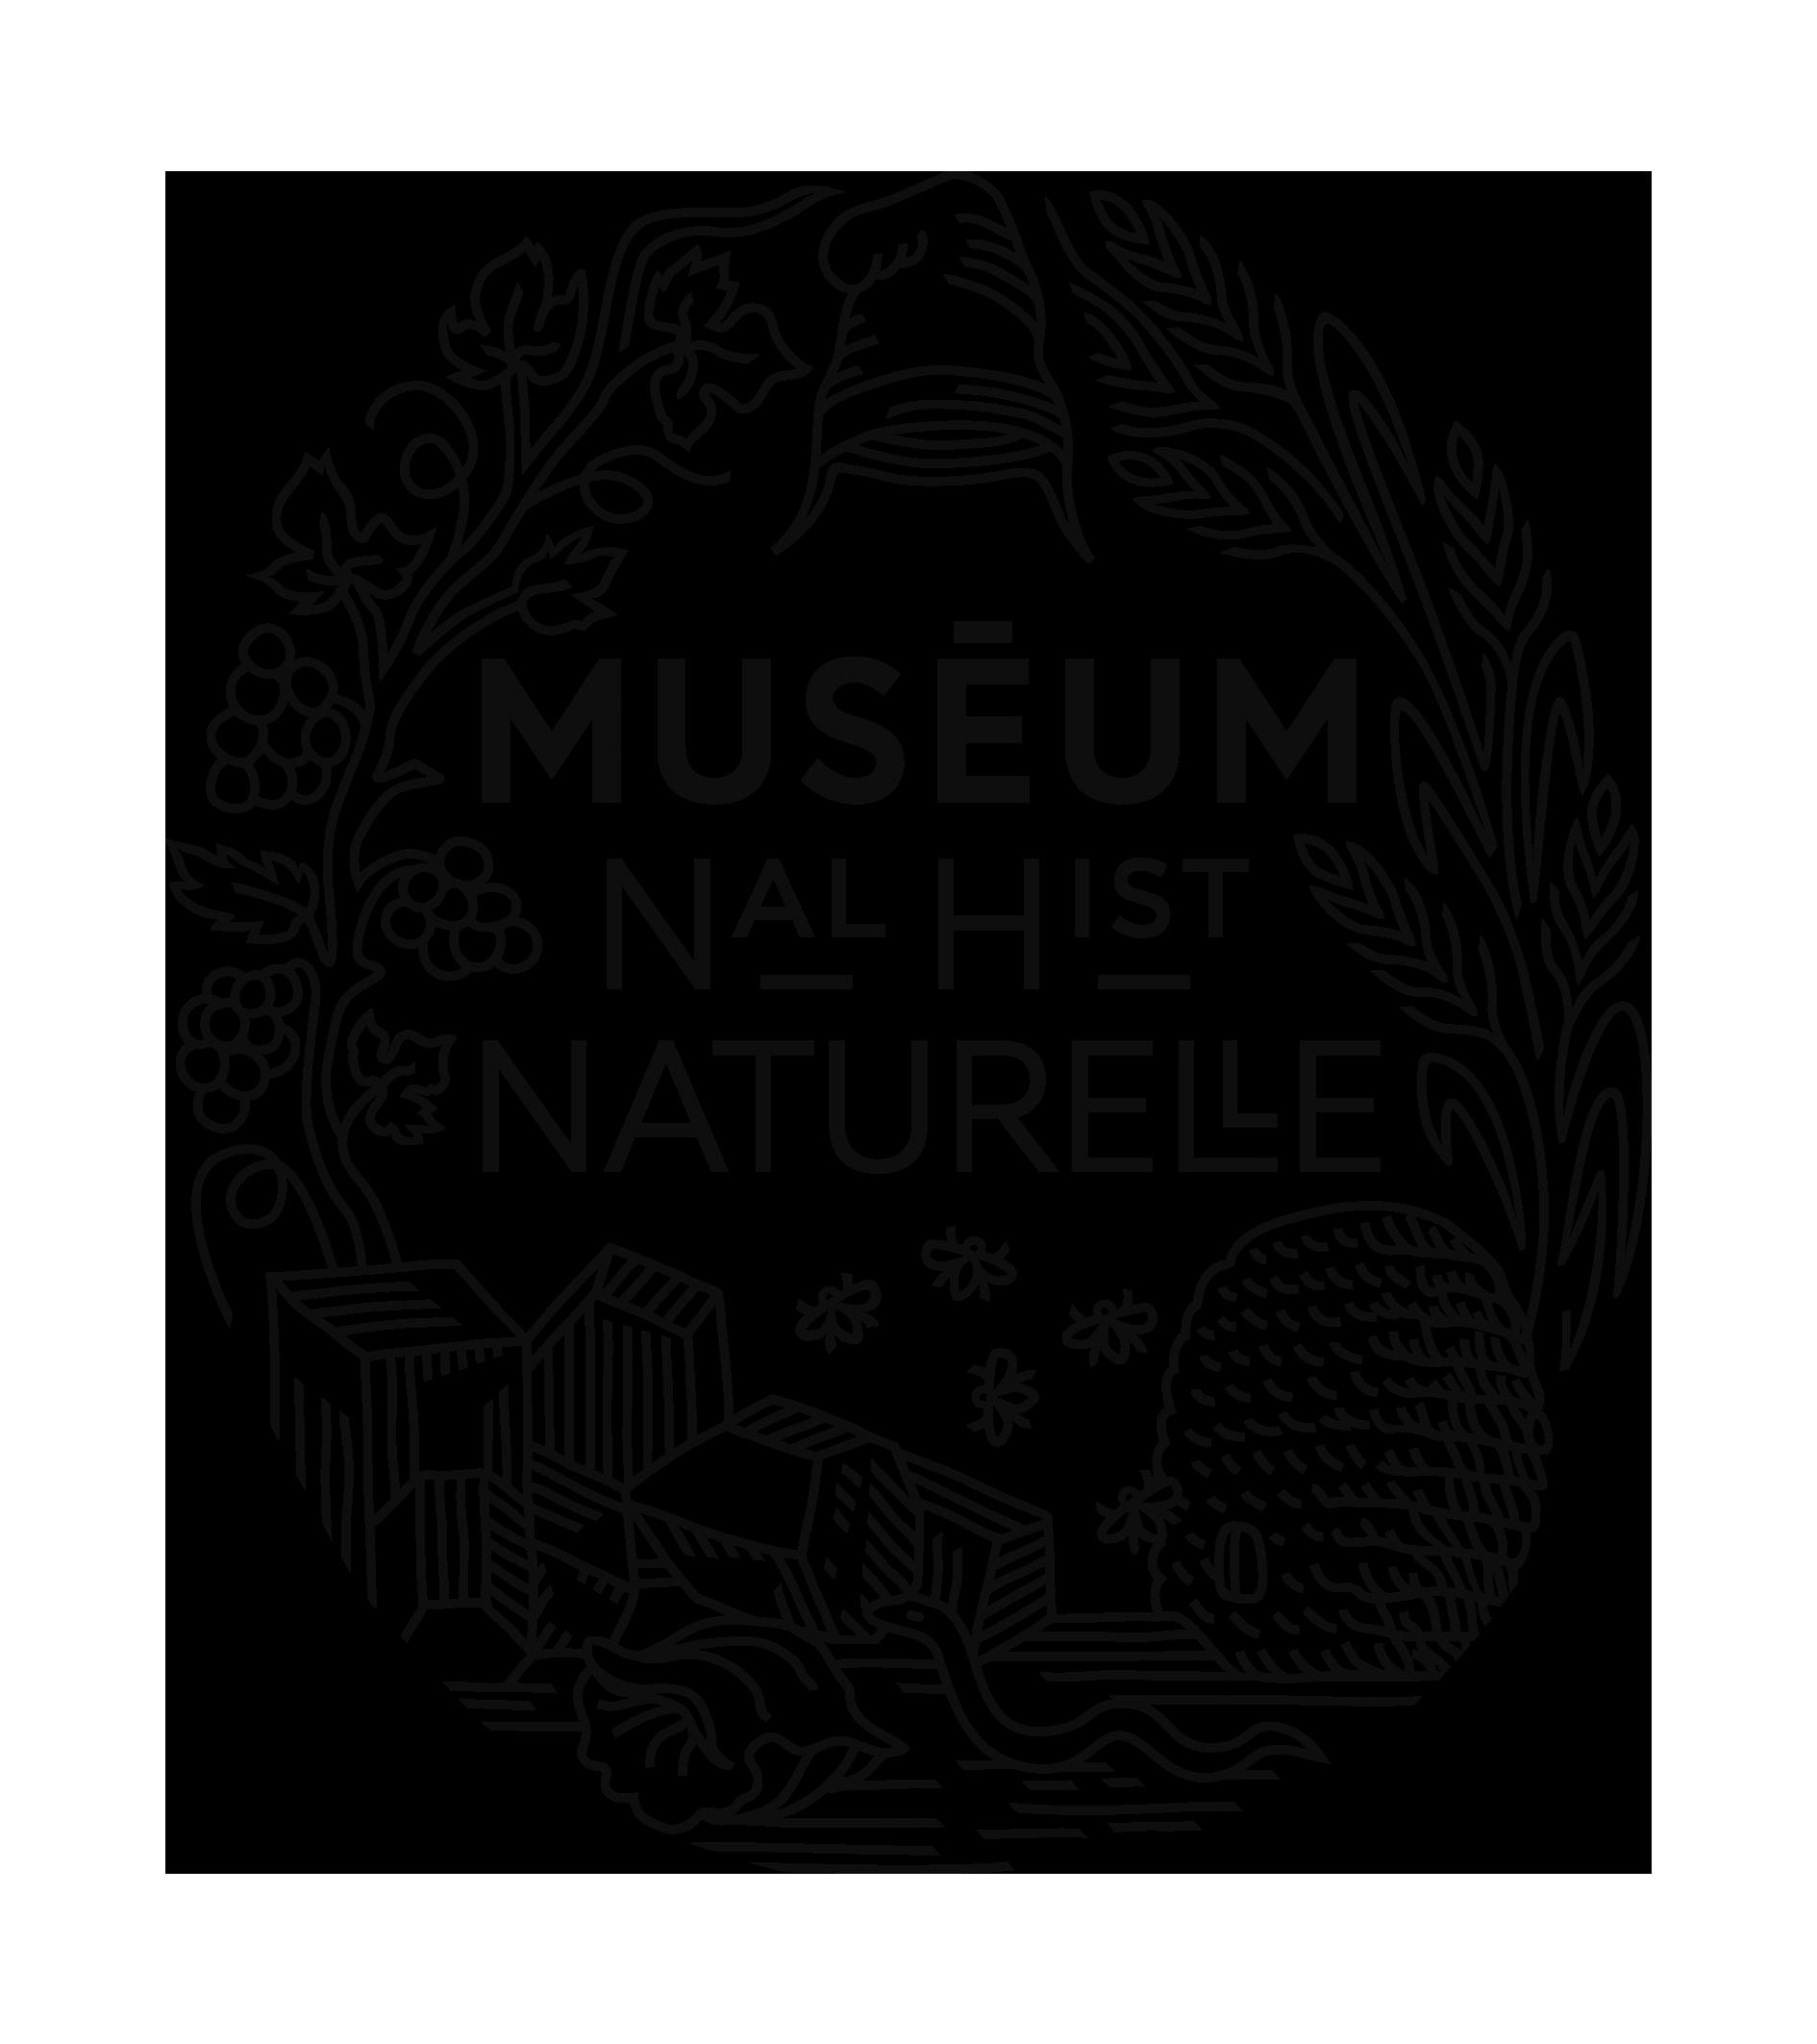 Museum Nalhist Naturelle